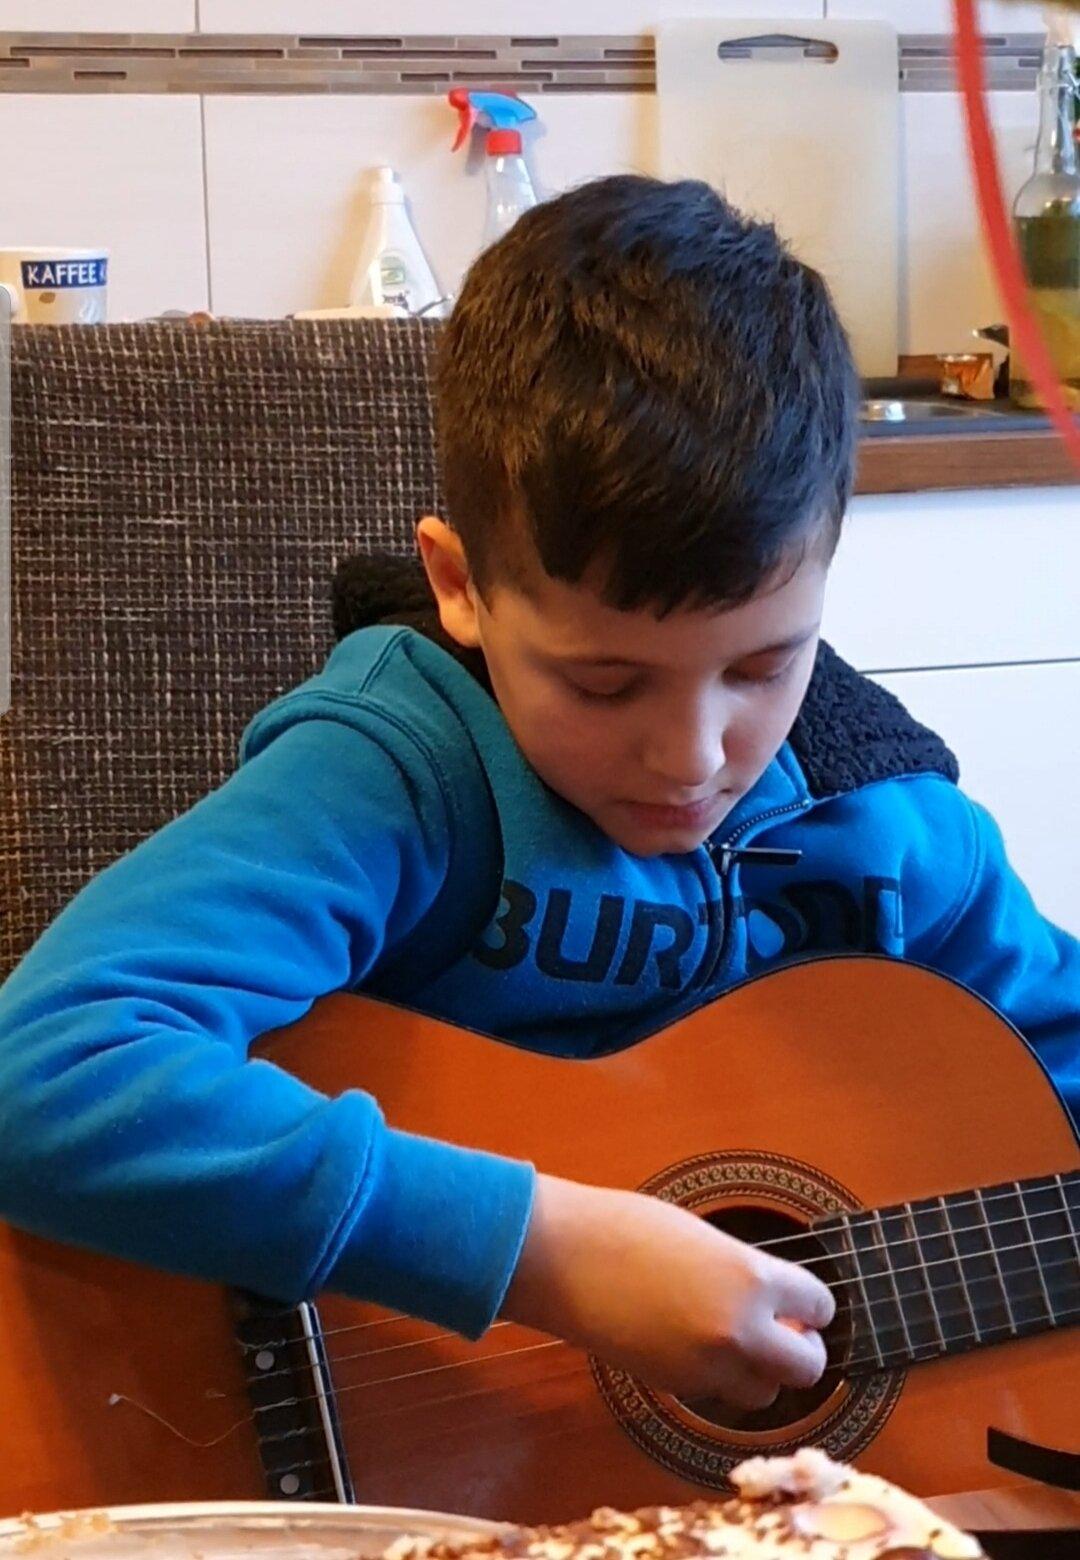 Zeitvertreib_-_Julien_-_Gitarre_spielen_1_30-03-2020